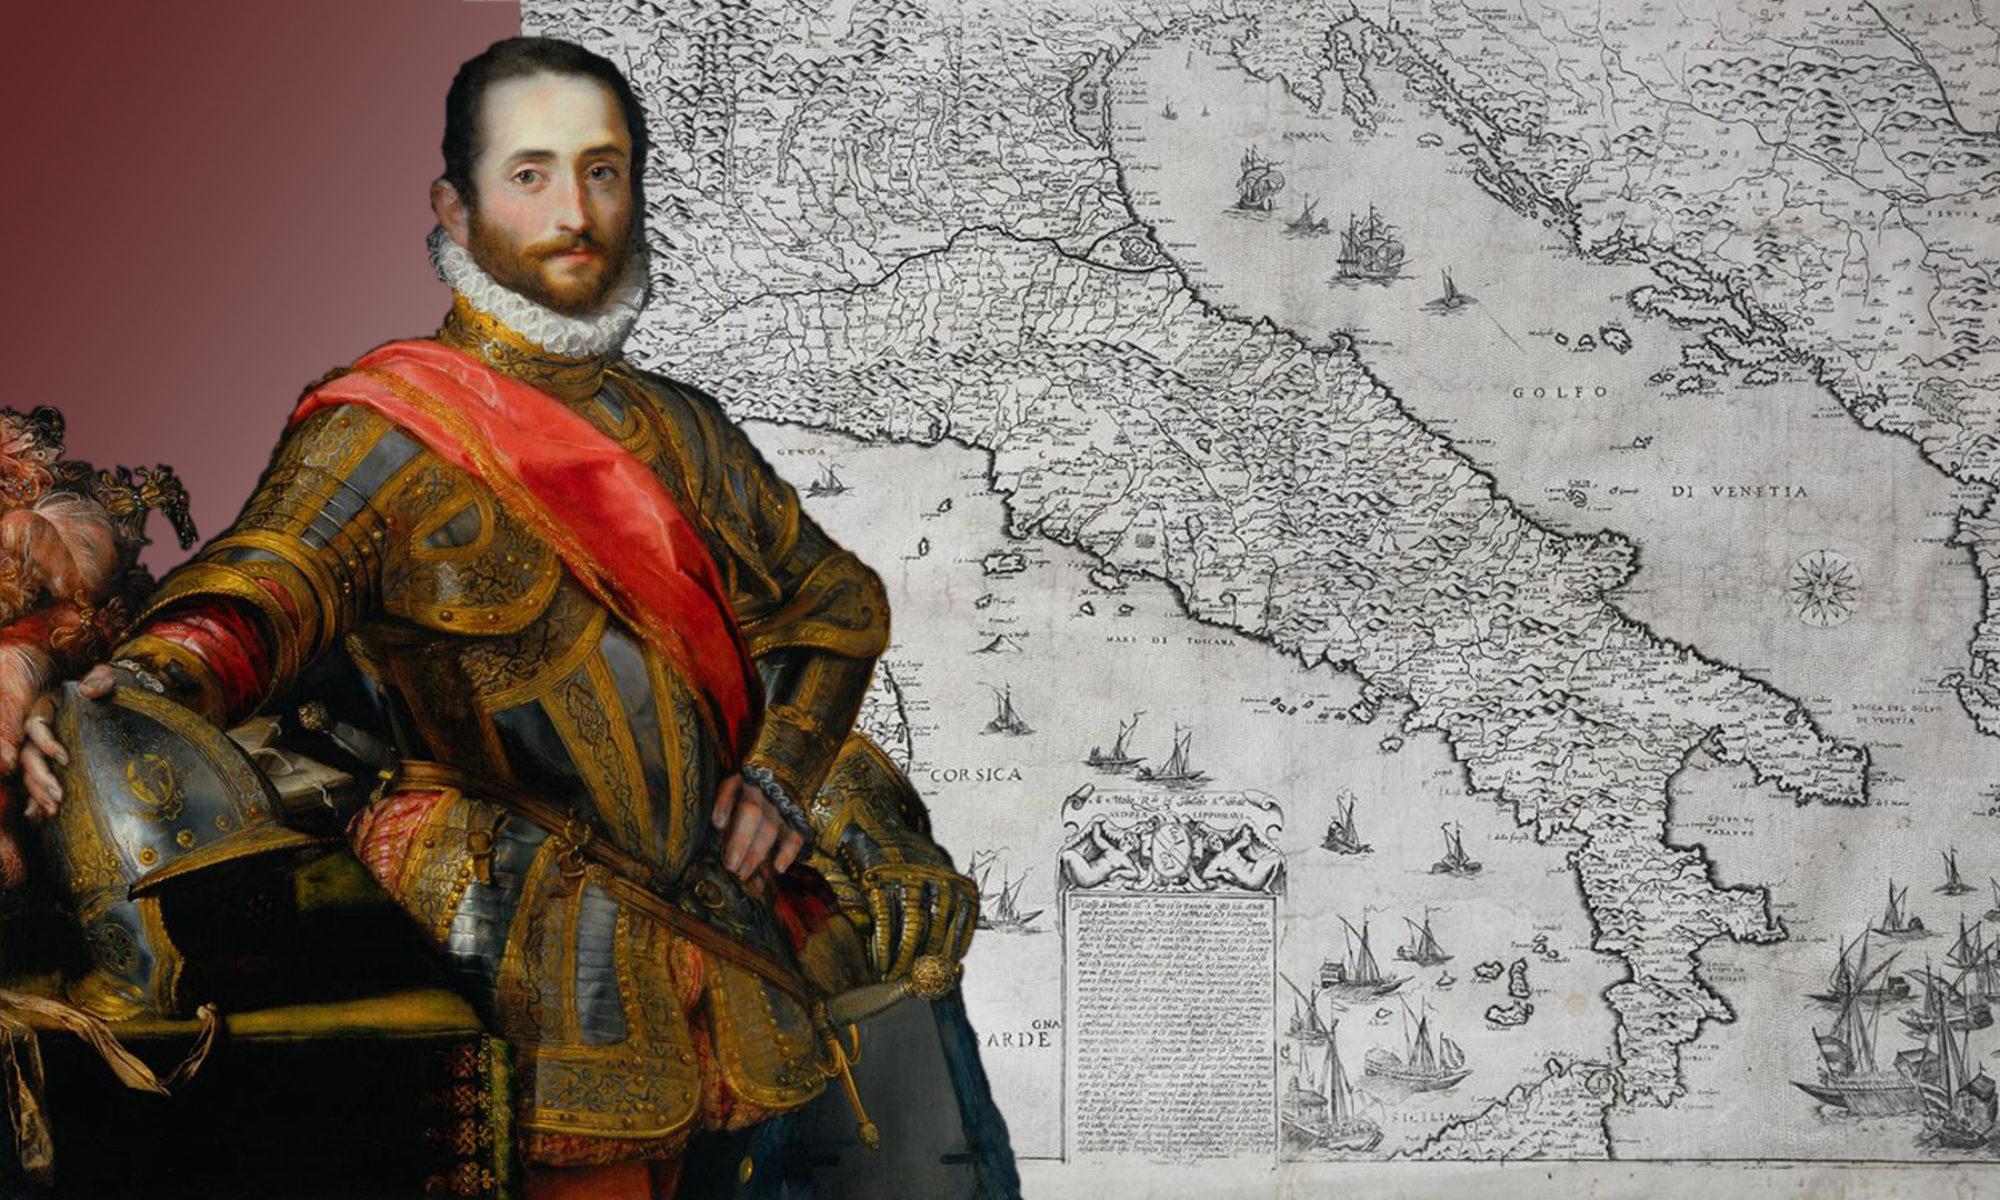 Cinquantatreesima puntata. Dodicimila soldati da Urbino a Lepanto